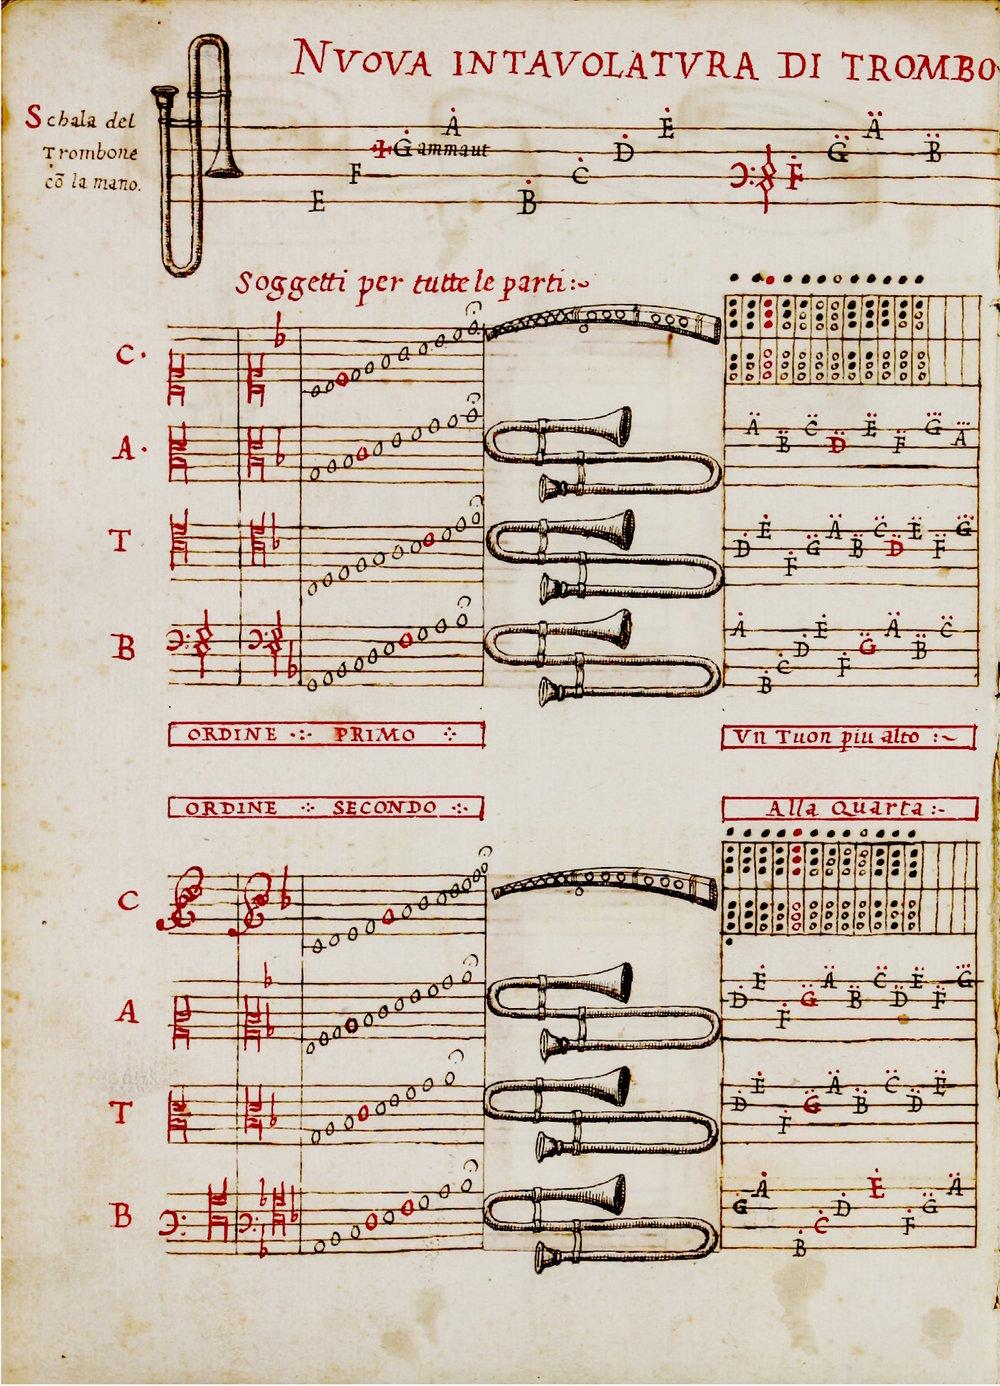 Aurelio Virgiliano, Il Dolcimelo, Ms. ca. 1600. Museo internazionale e biblioteca della musica di Bologna.